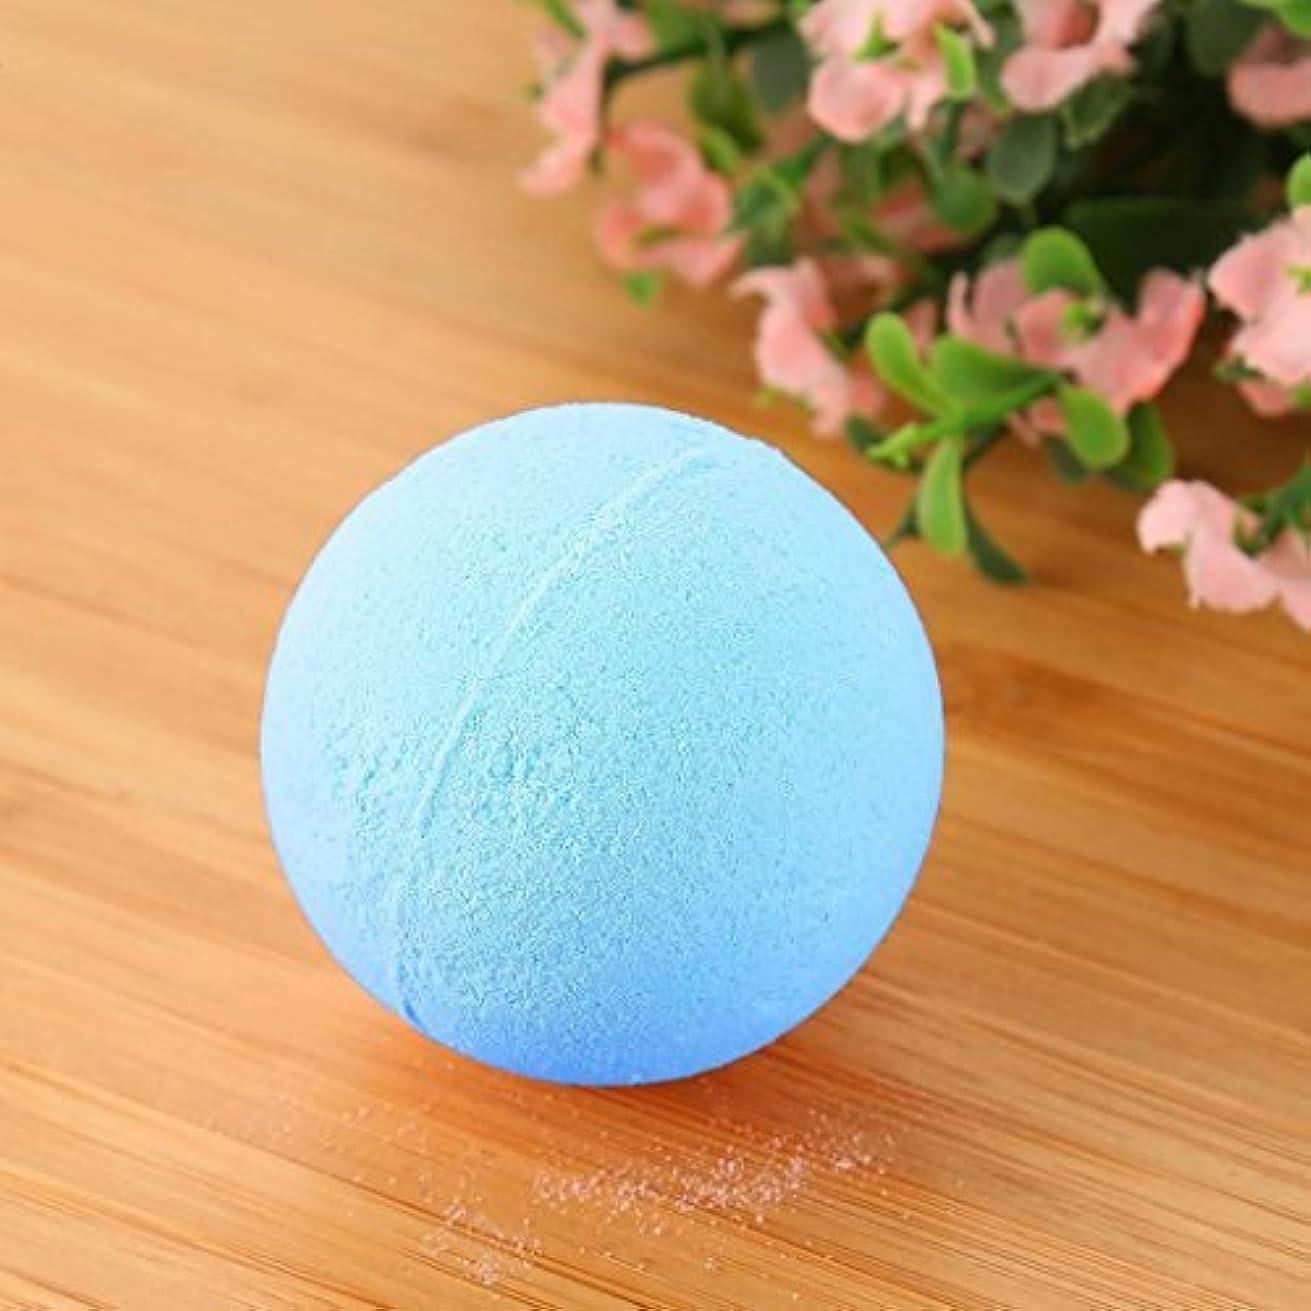 子犬山積みの会員バブル塩風呂の贈り物のためにボールをリラックスした女性の塩